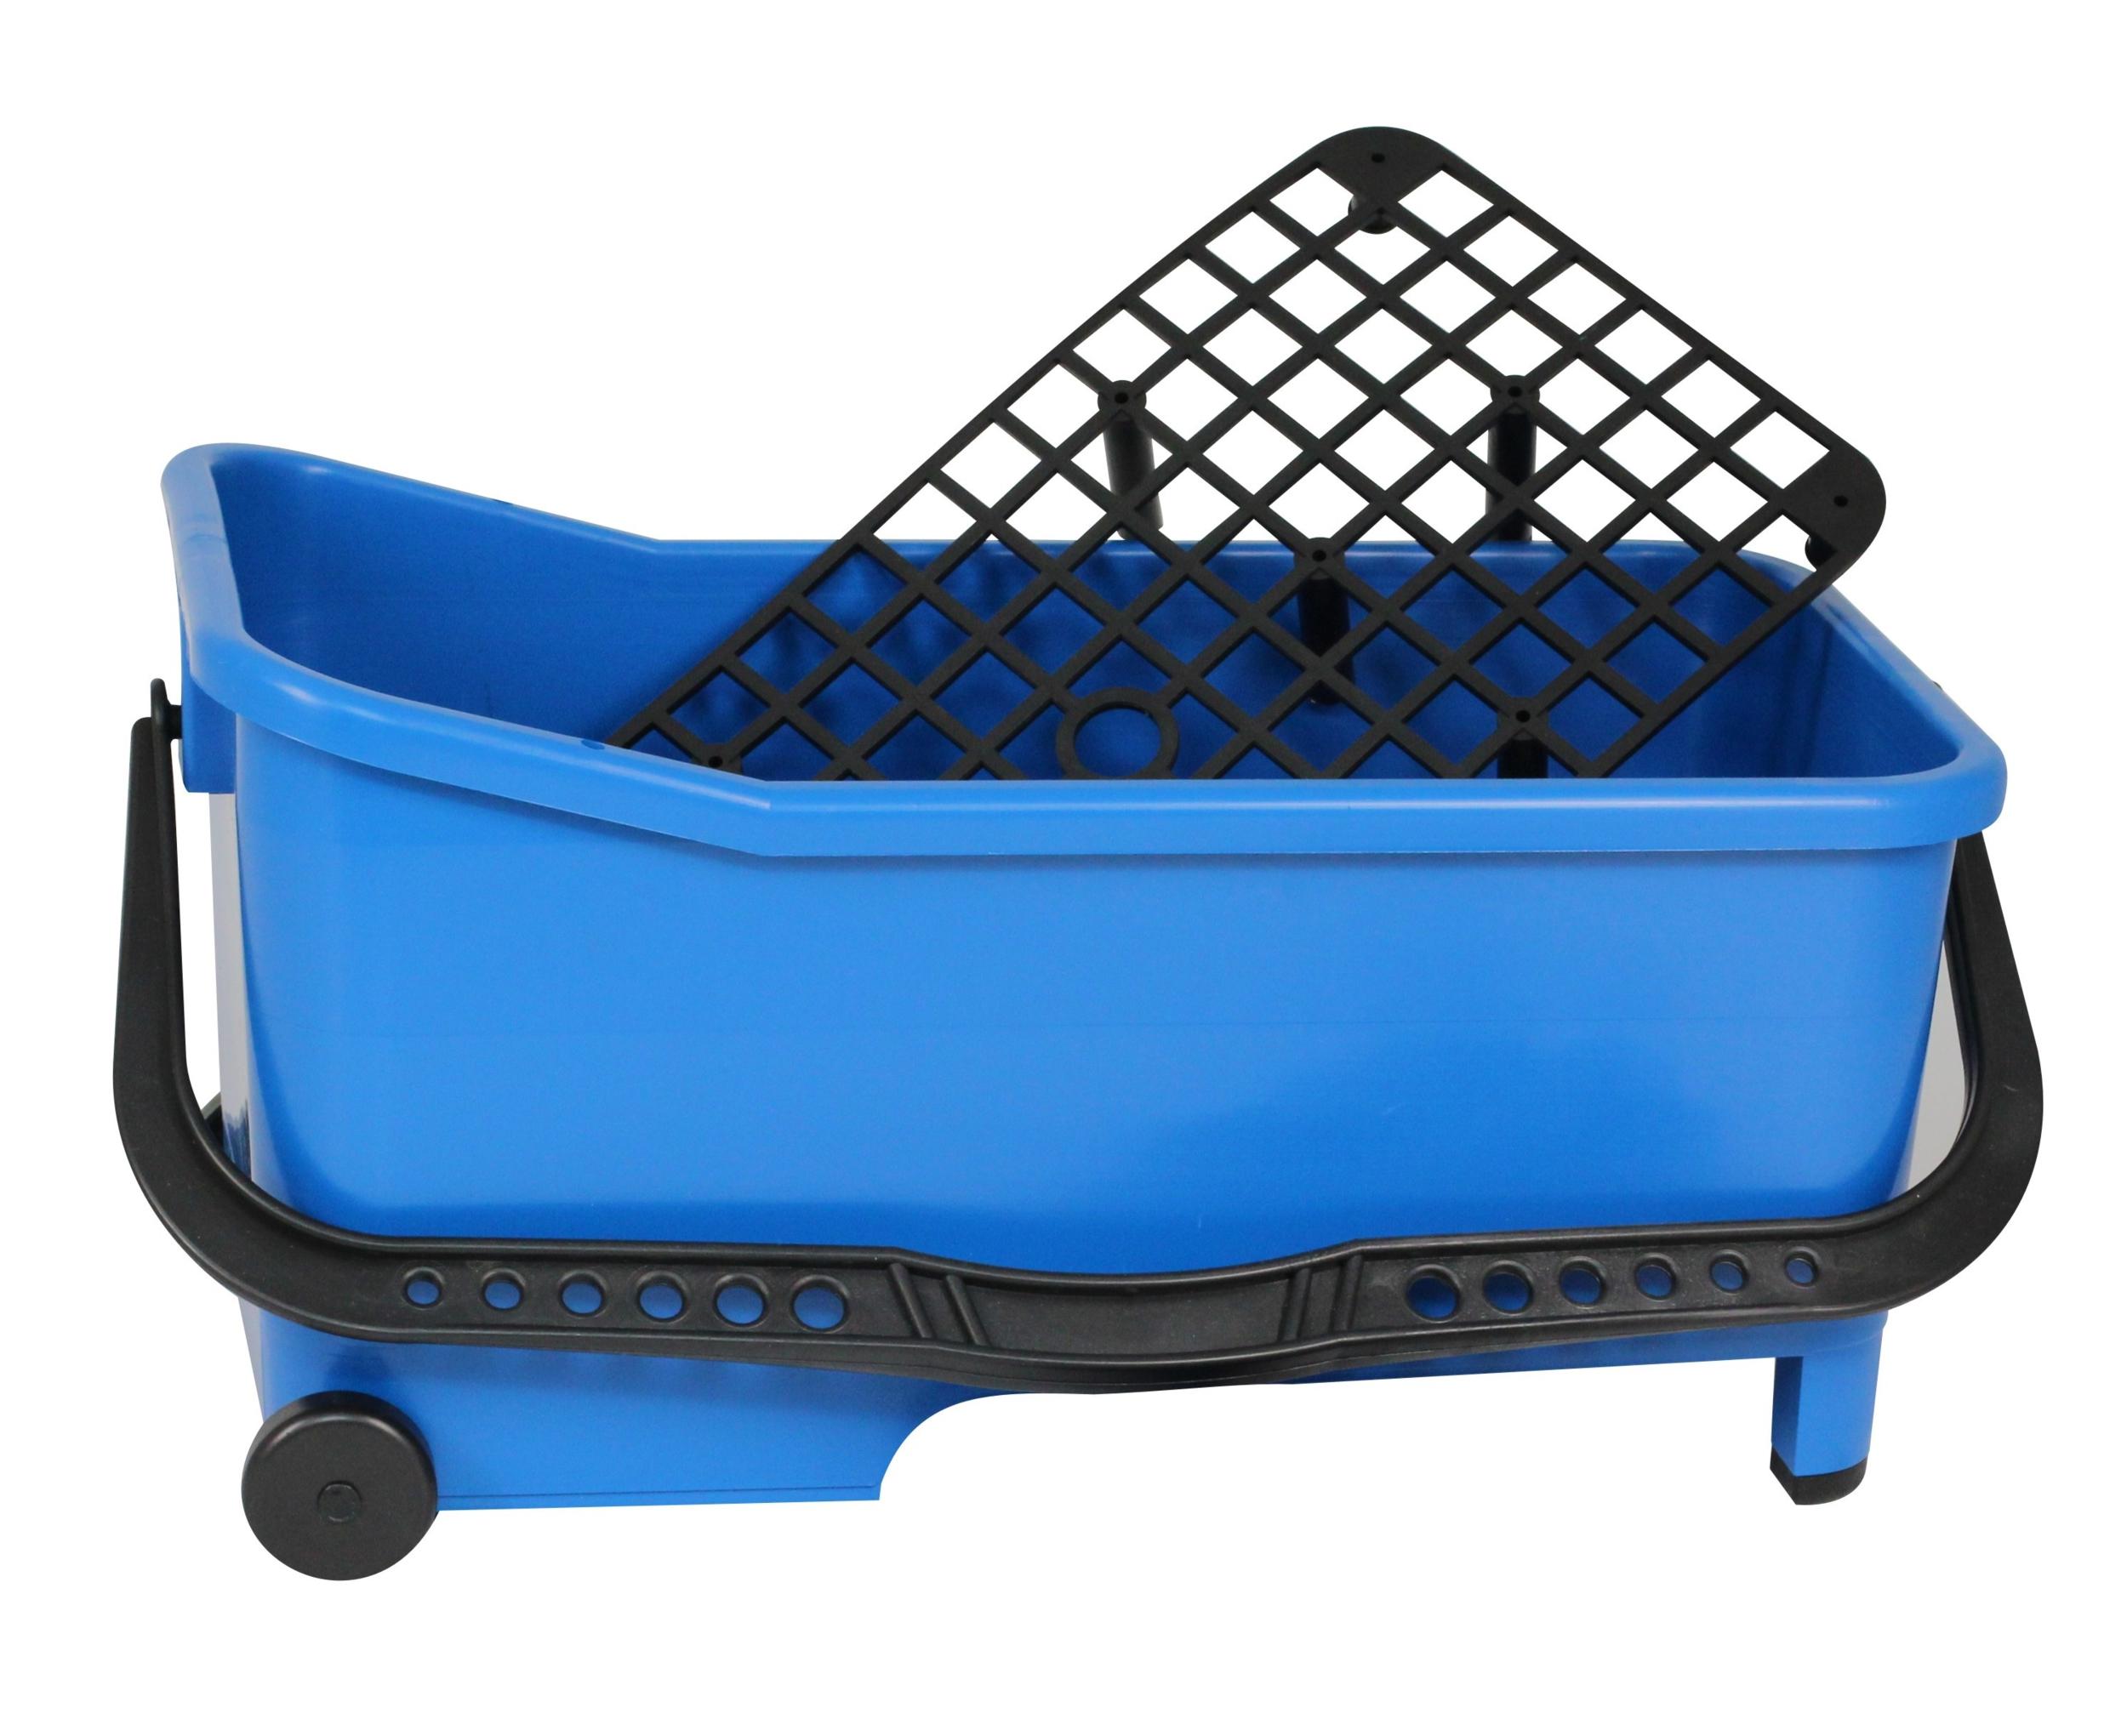 Seau de nettoyage joint carrelage 16 litres